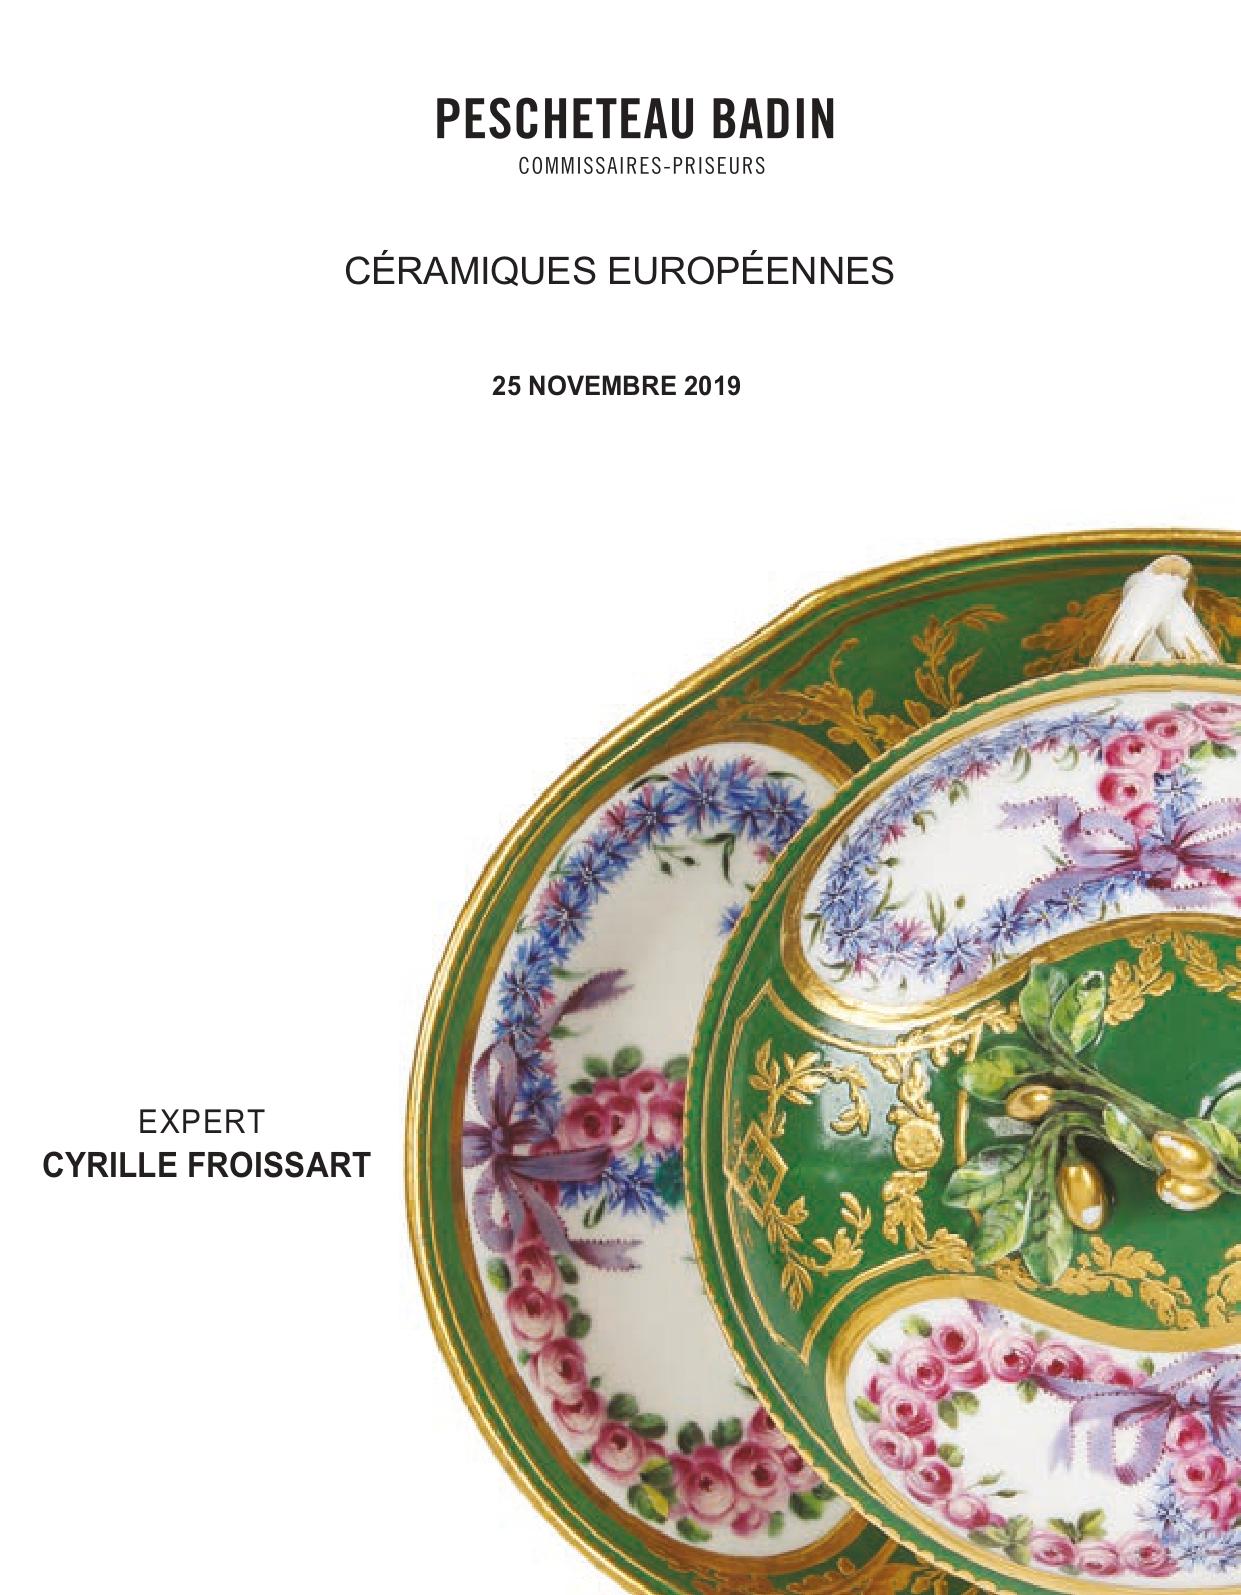 Vente Céramiques Européennes chez Pescheteau-Badin : 382 lots